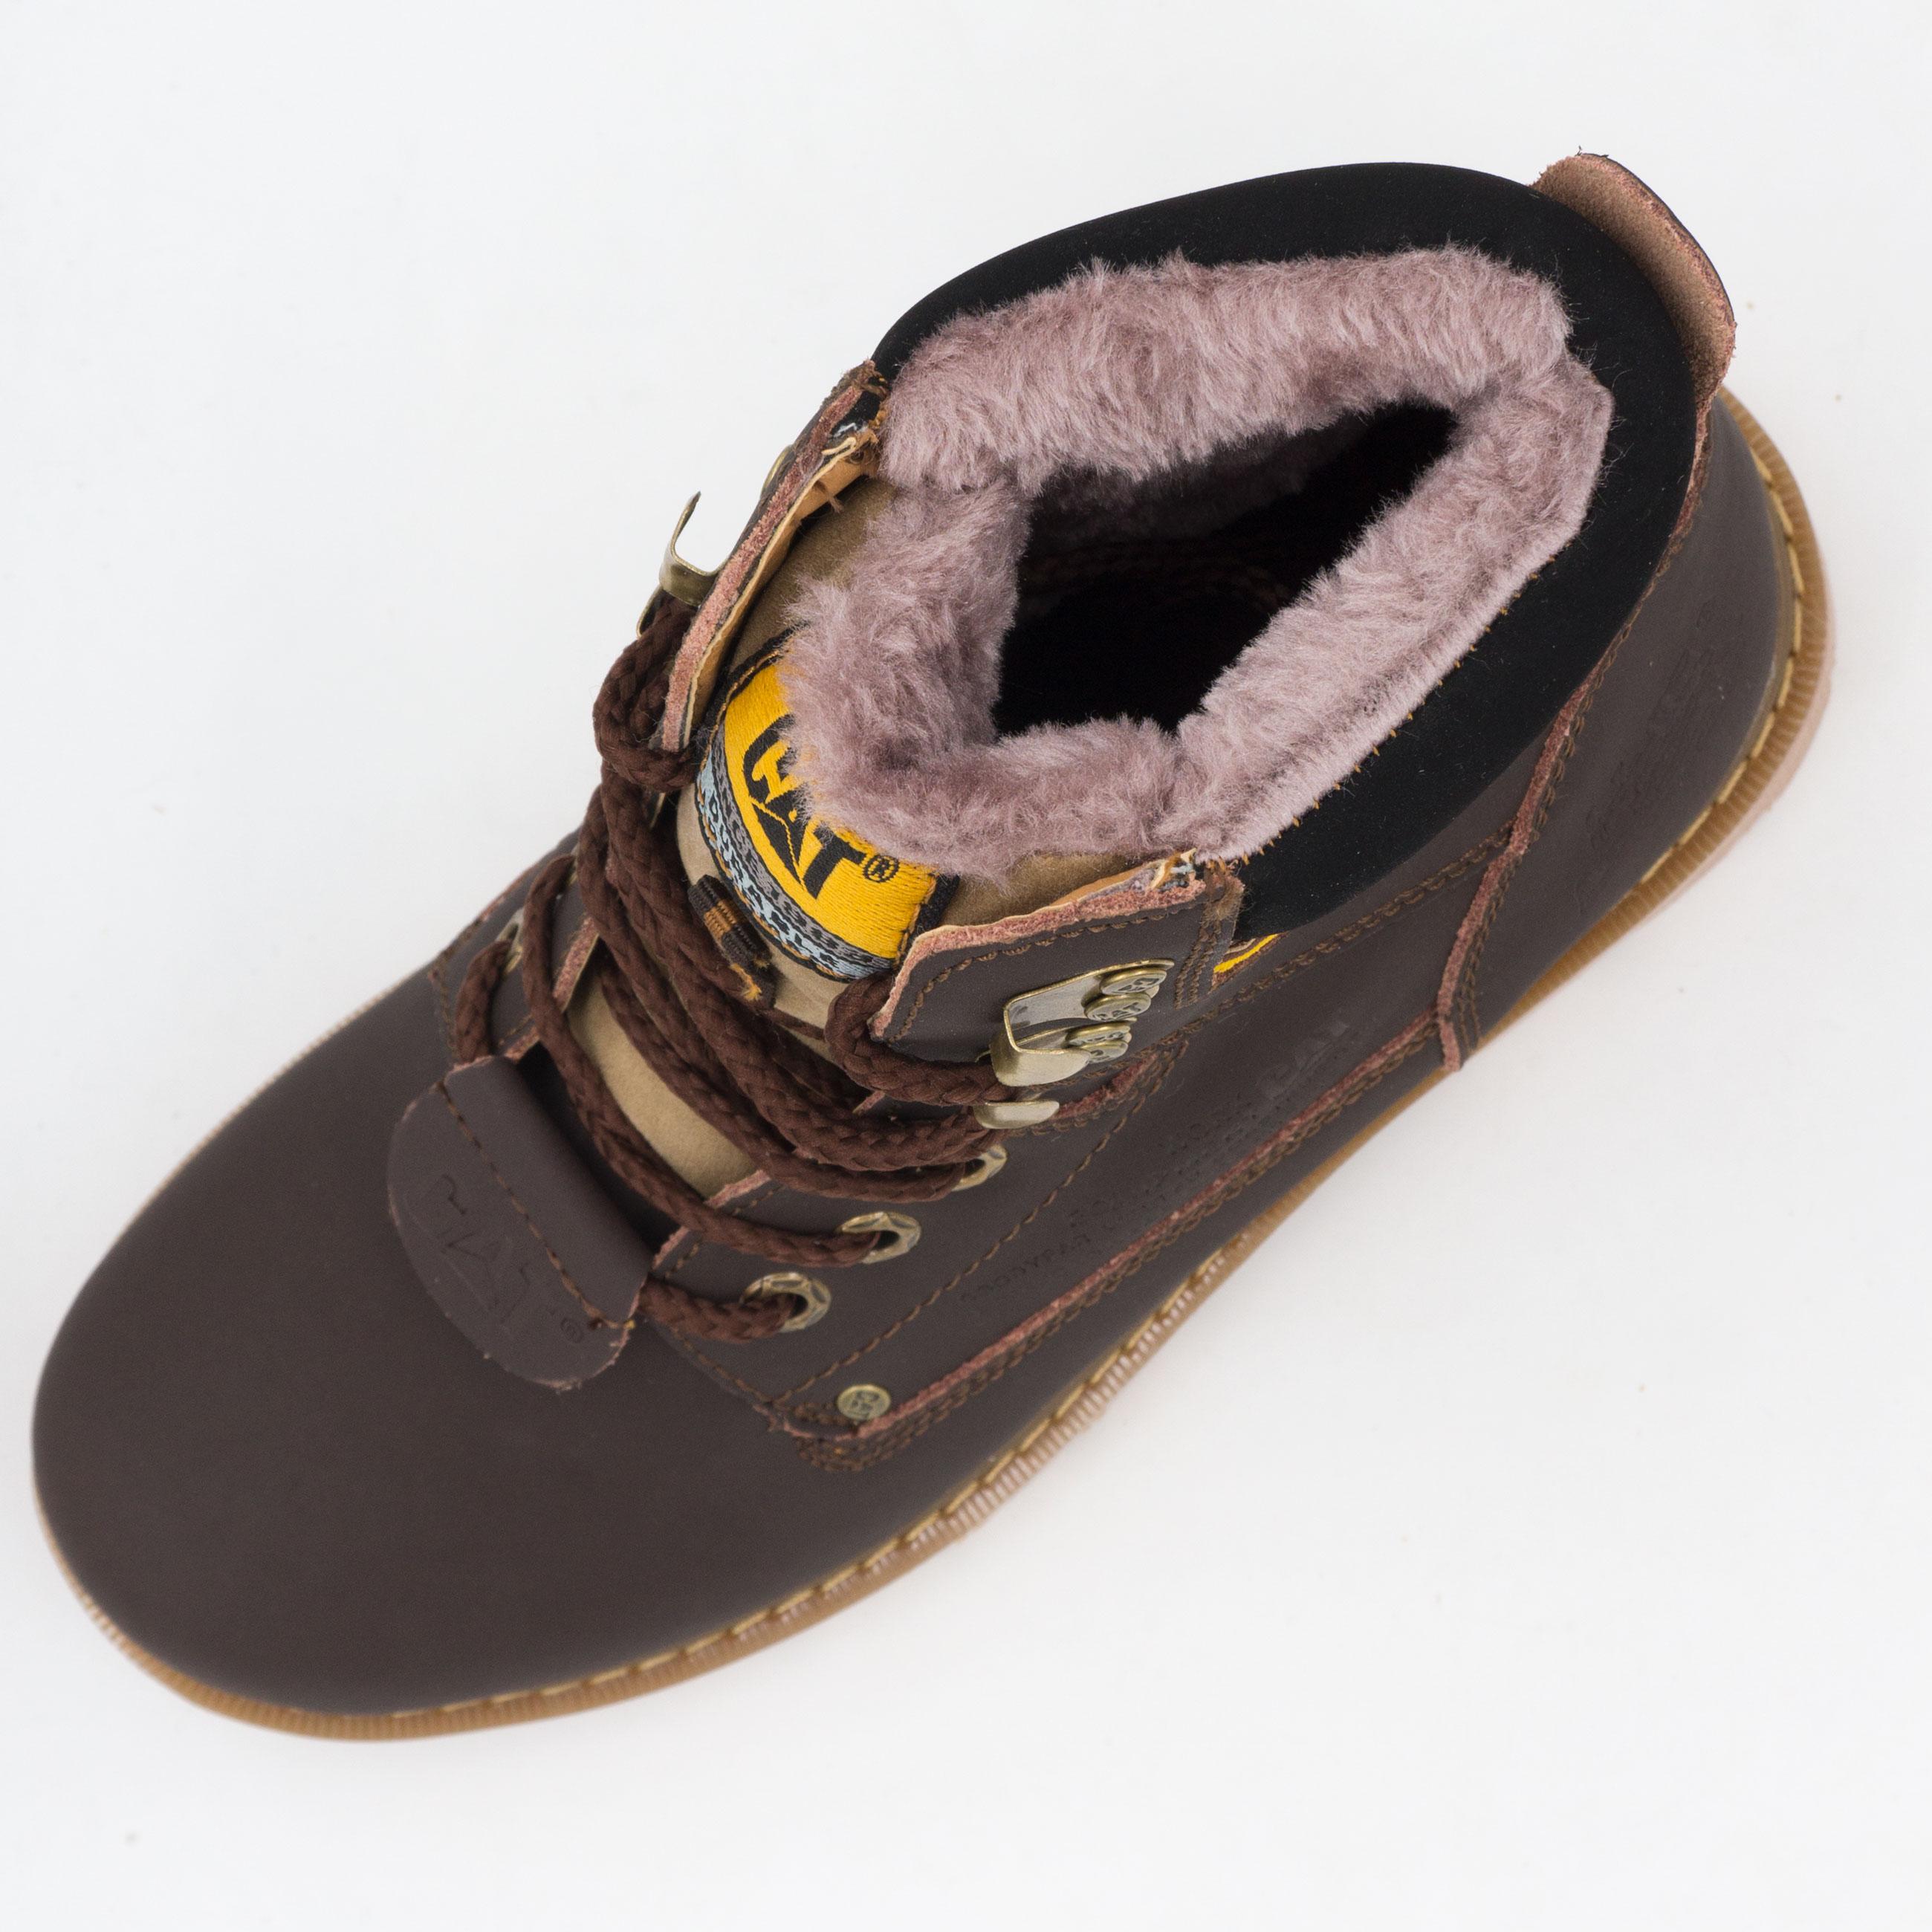 фото back Коричневые зимние женские ботинки CAT (катерпиллер) с мехом back